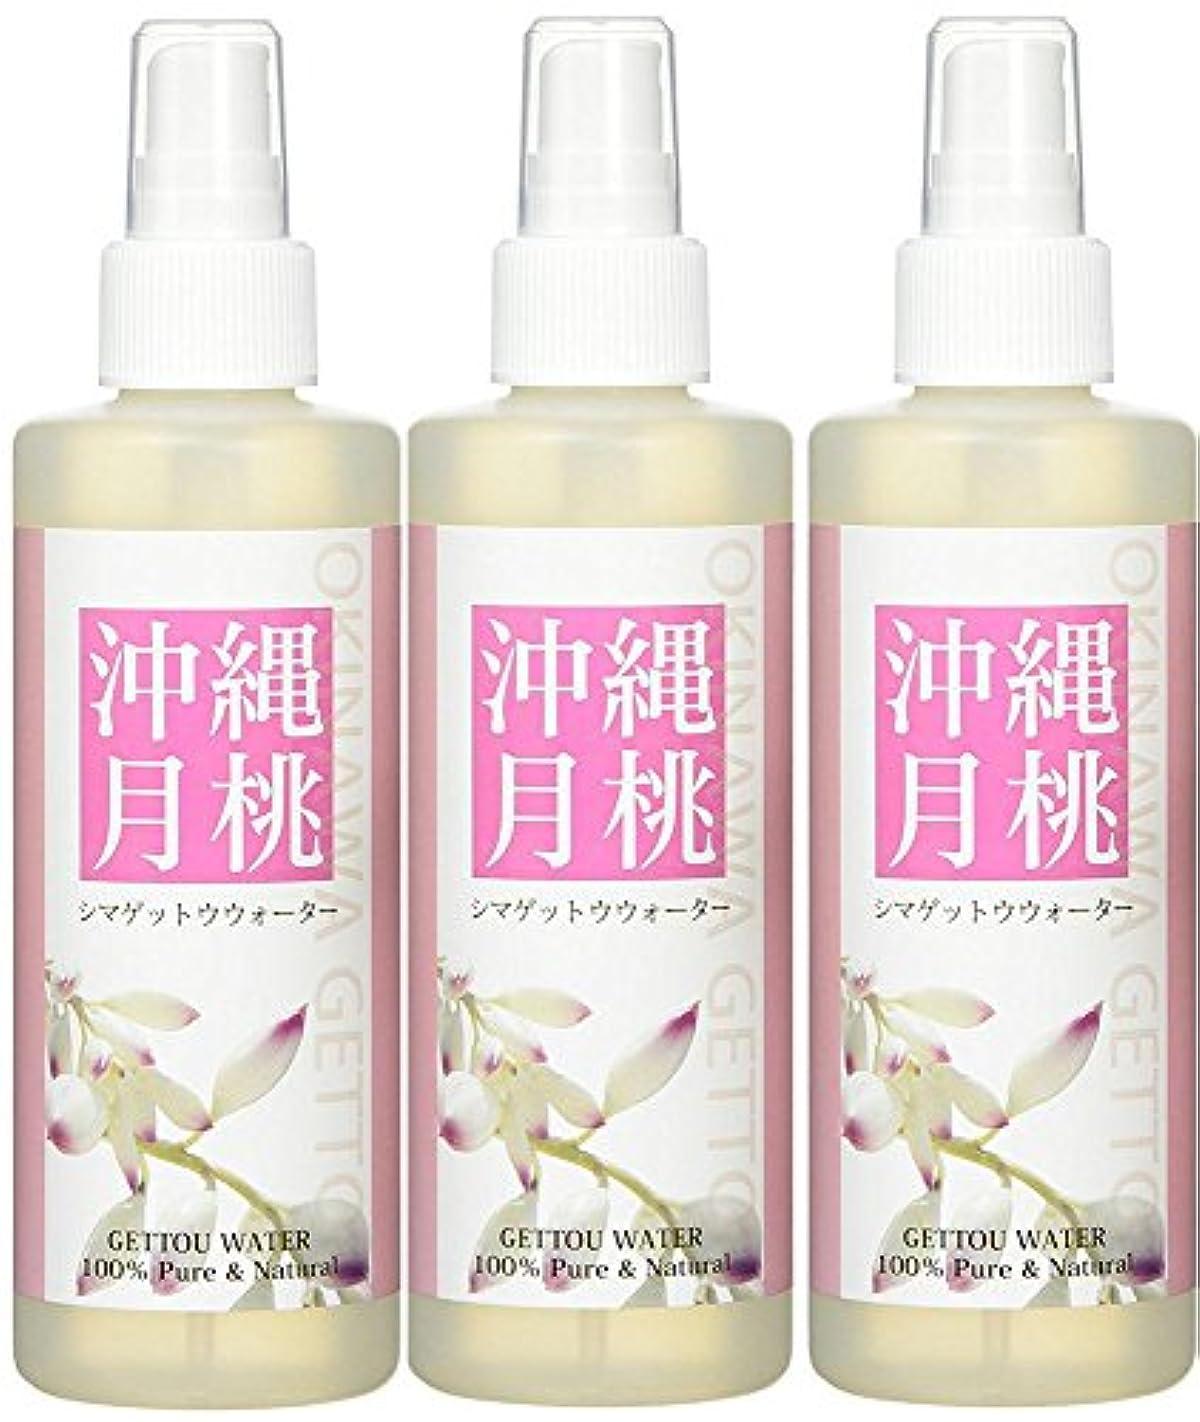 環境ベルト報いる日本月桃 シマゲットウウォーター (100%天然成分ハーブ水) 200ml 3本